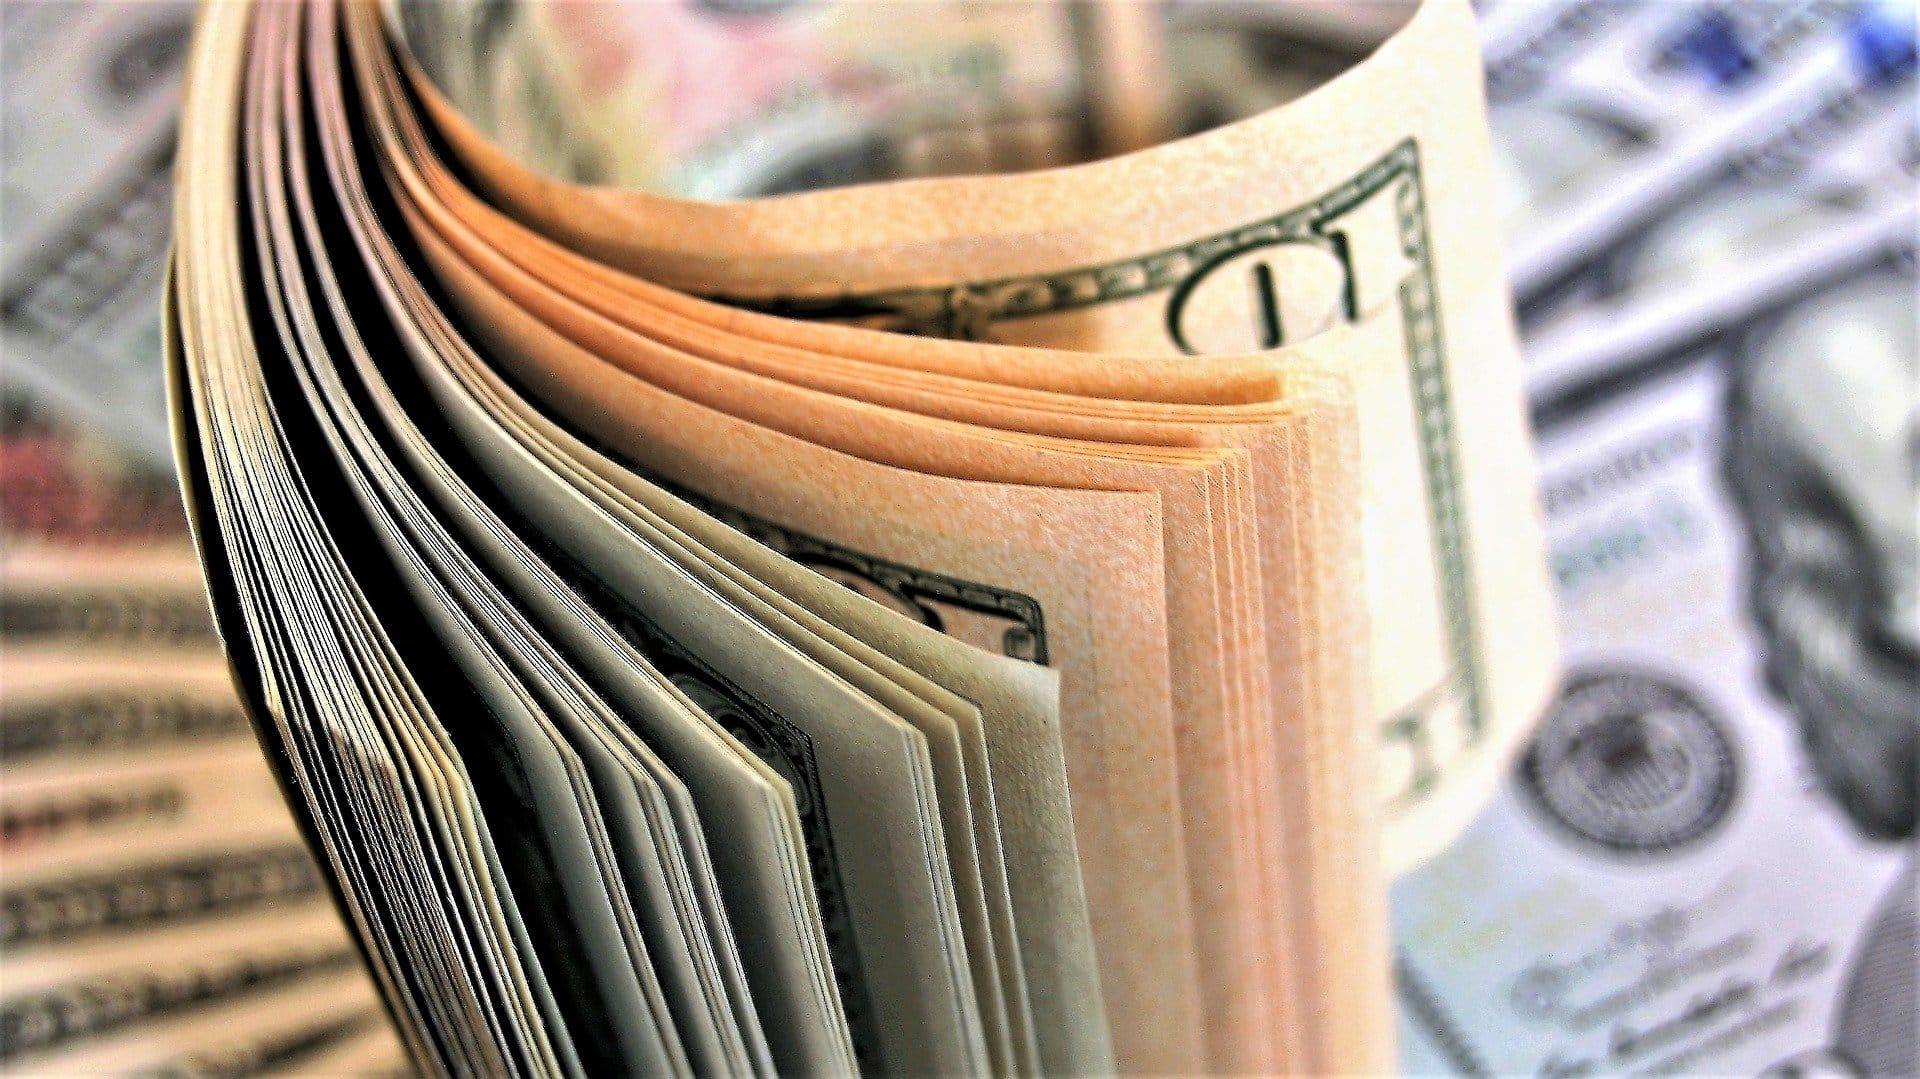 kā nopelnīt naudu 2020 dolāros aukstā noliktava